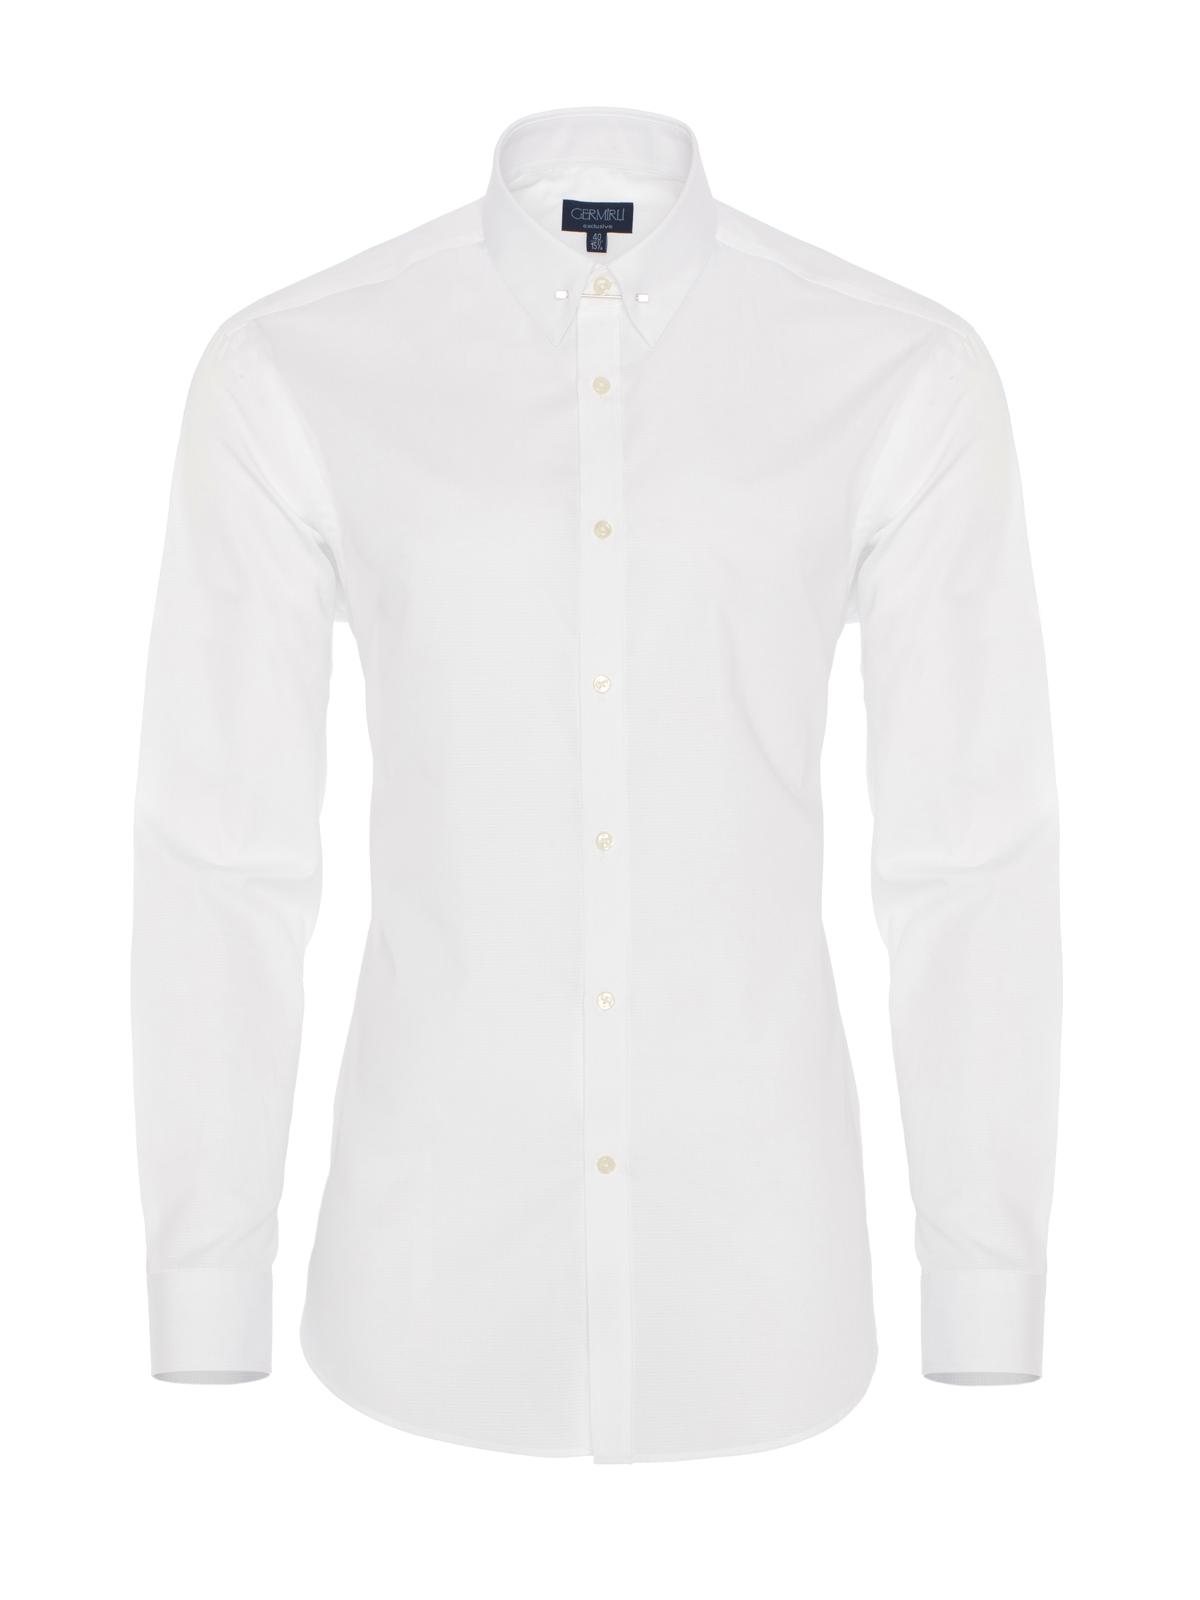 Germirli Beyaz İğneli Yaka Tailor Fit Gömlek